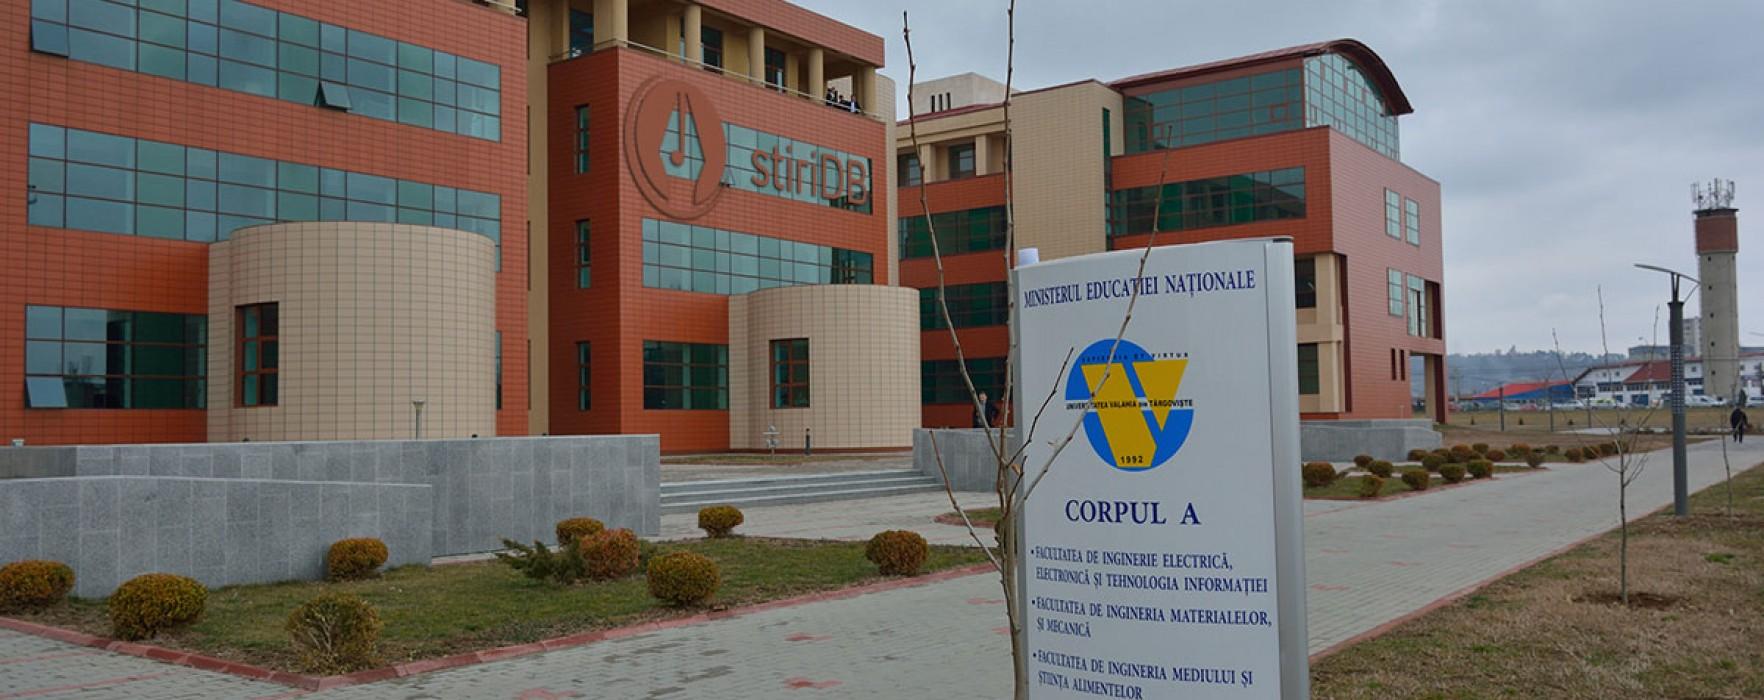 Admitere Universitatea Valahia, peste 2.200 de locuri; vezi oferta educaţională